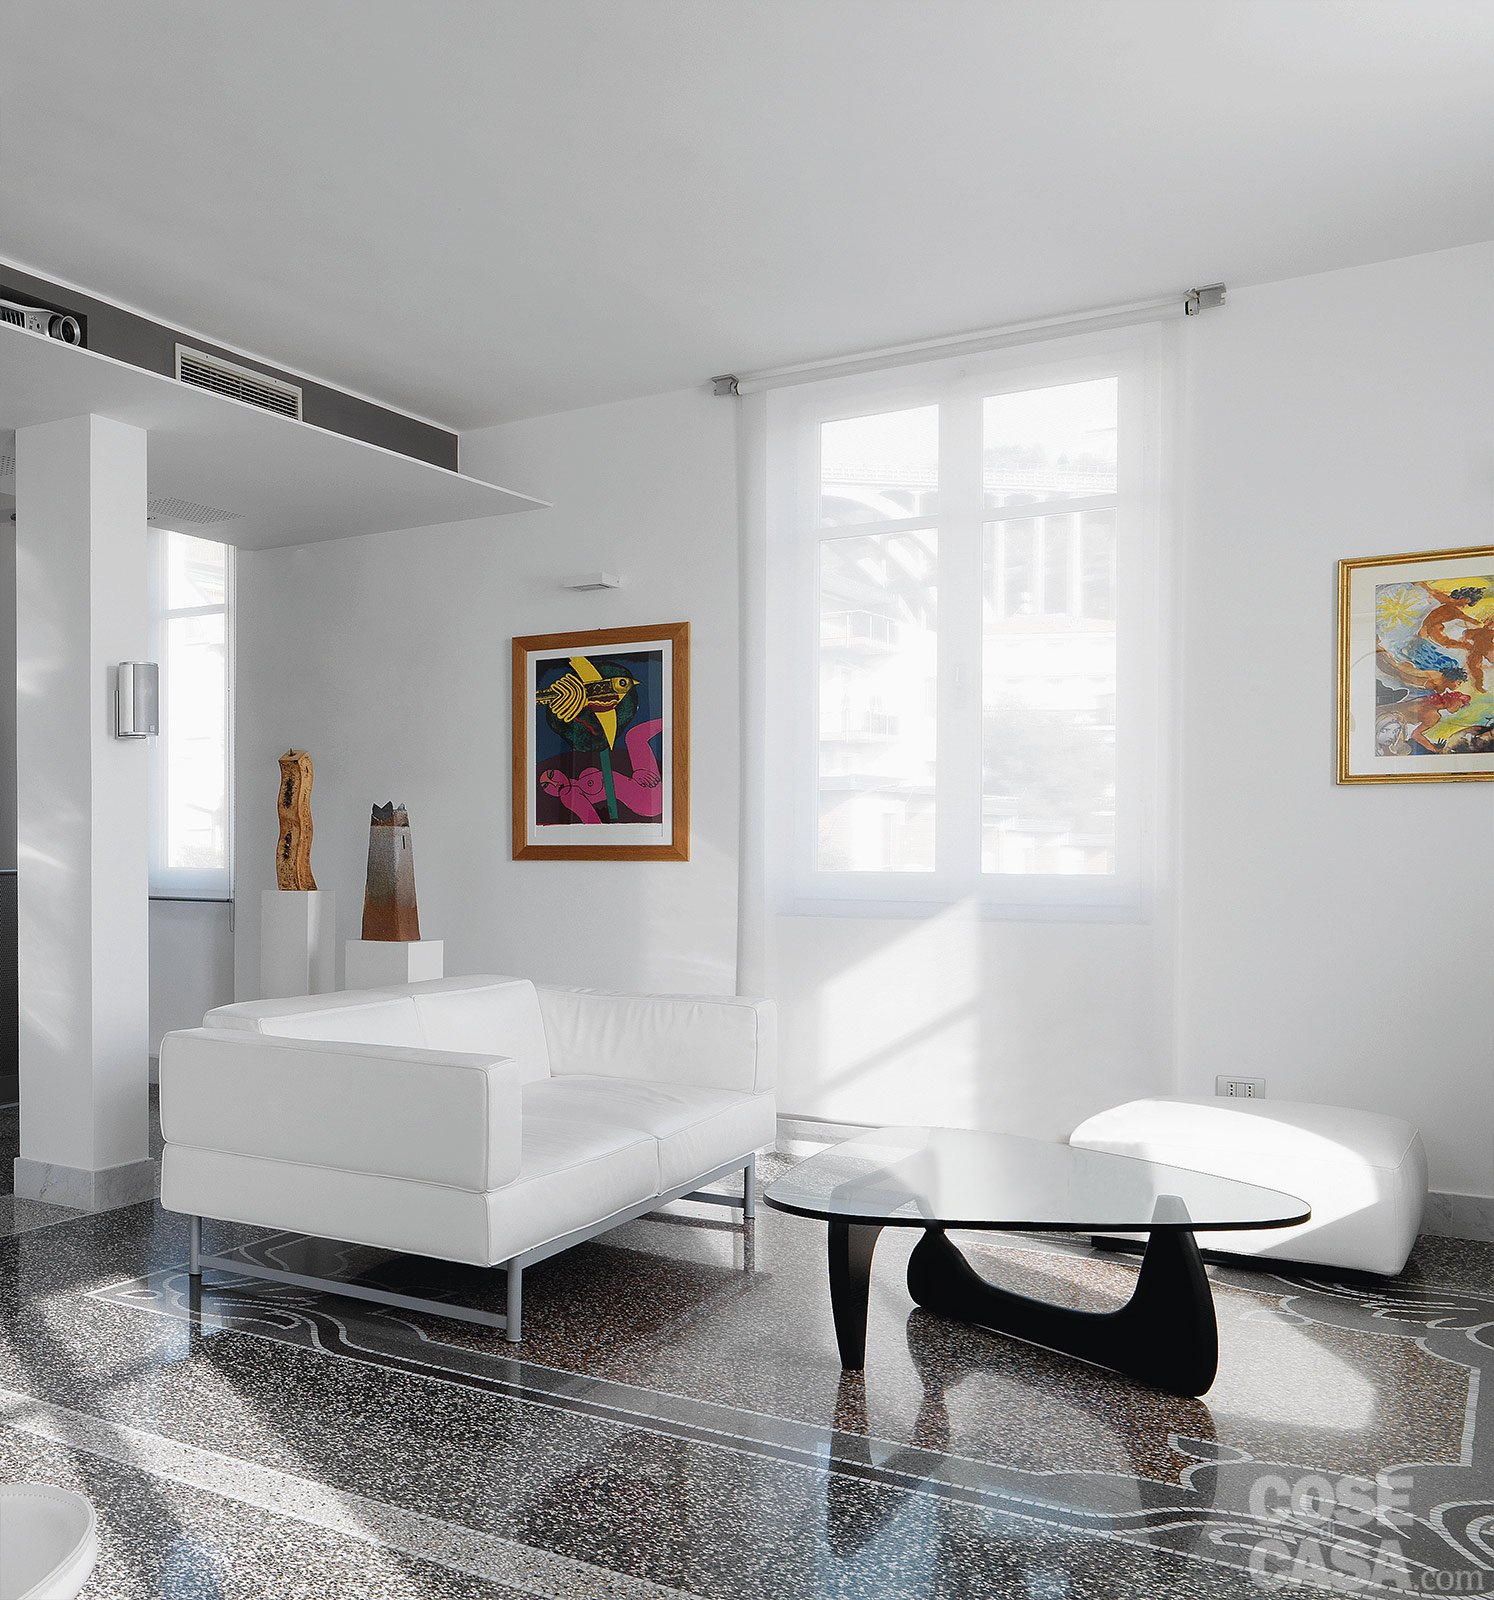 Casa soluzioni hi tech per interni anni 39 30 cose di casa for Design moderno